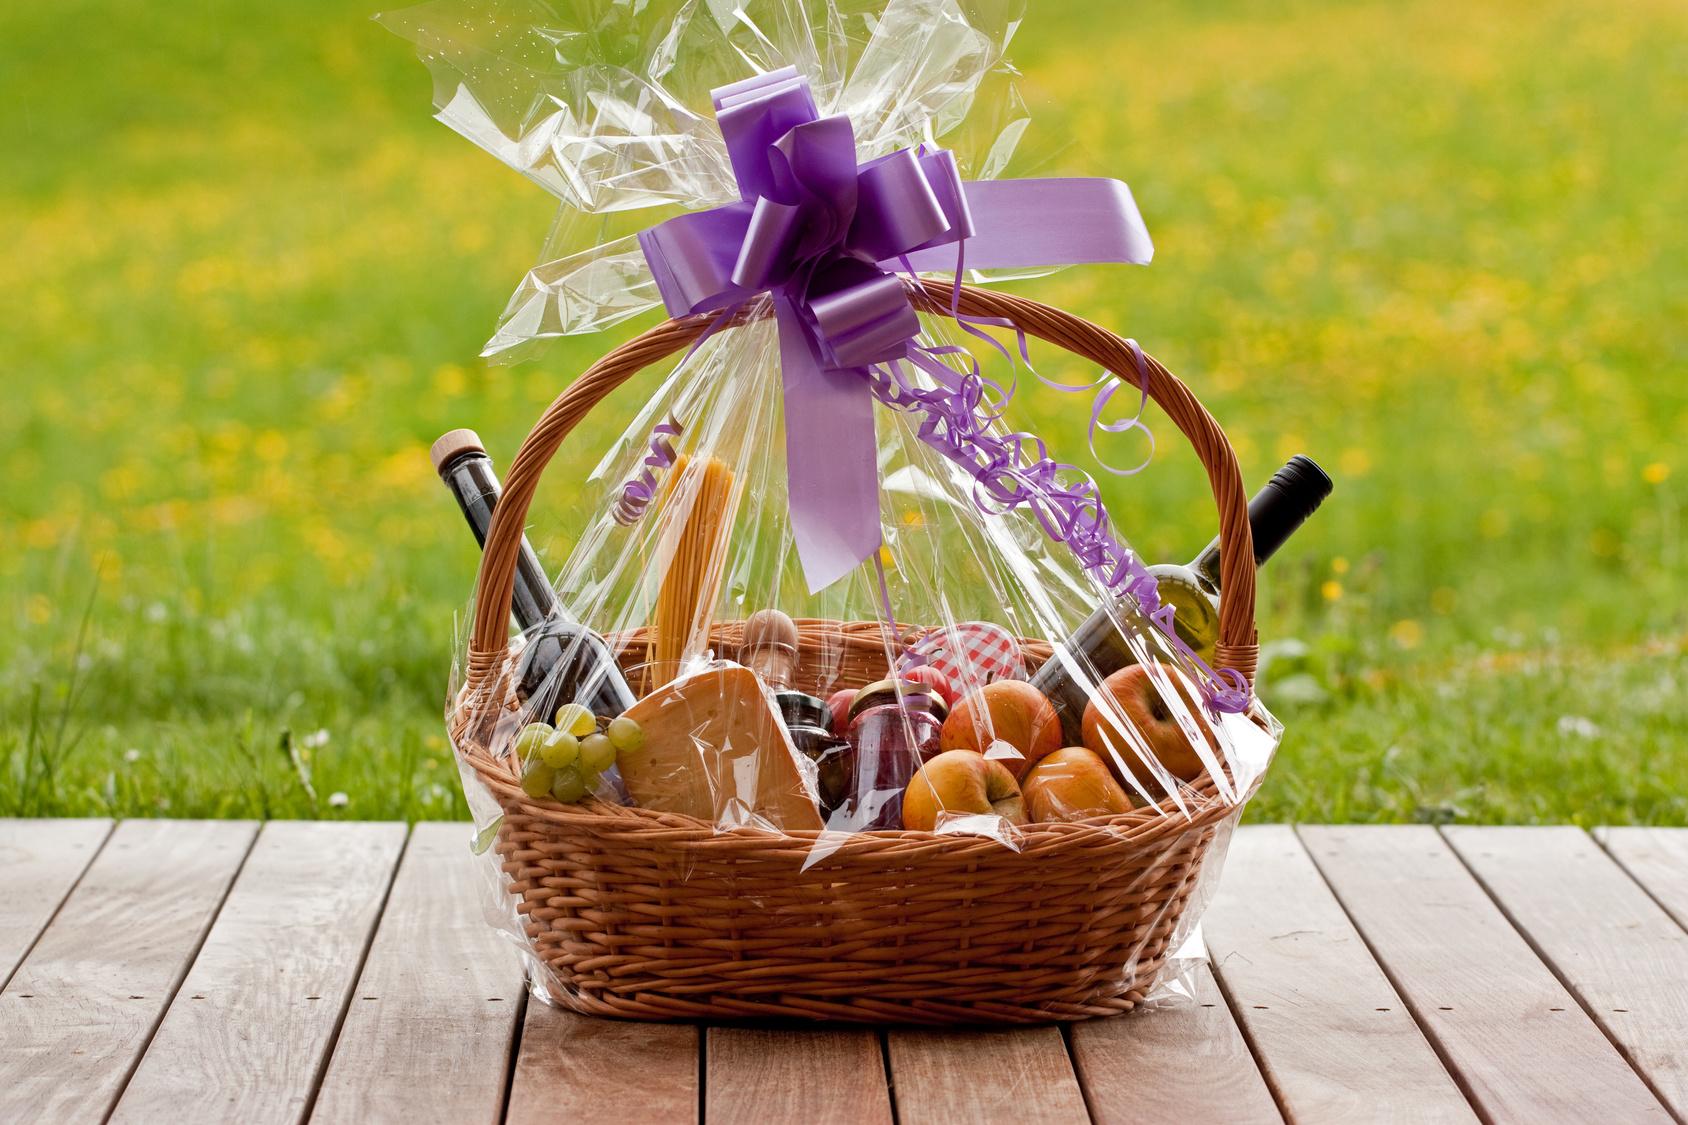 Favorito Cesti regalo con alimenti e bevande, quali informazioni? Risponde PT89